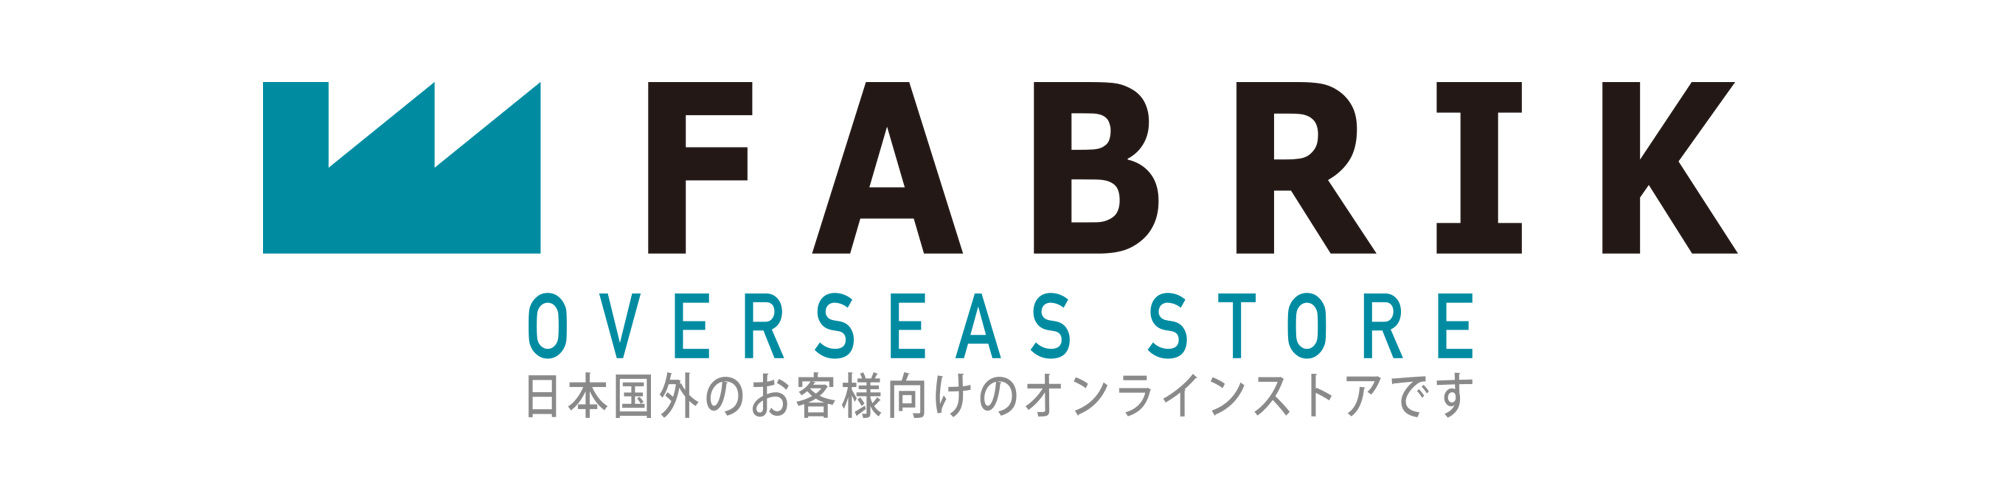 海外向け FABRIK ONLINE STORE